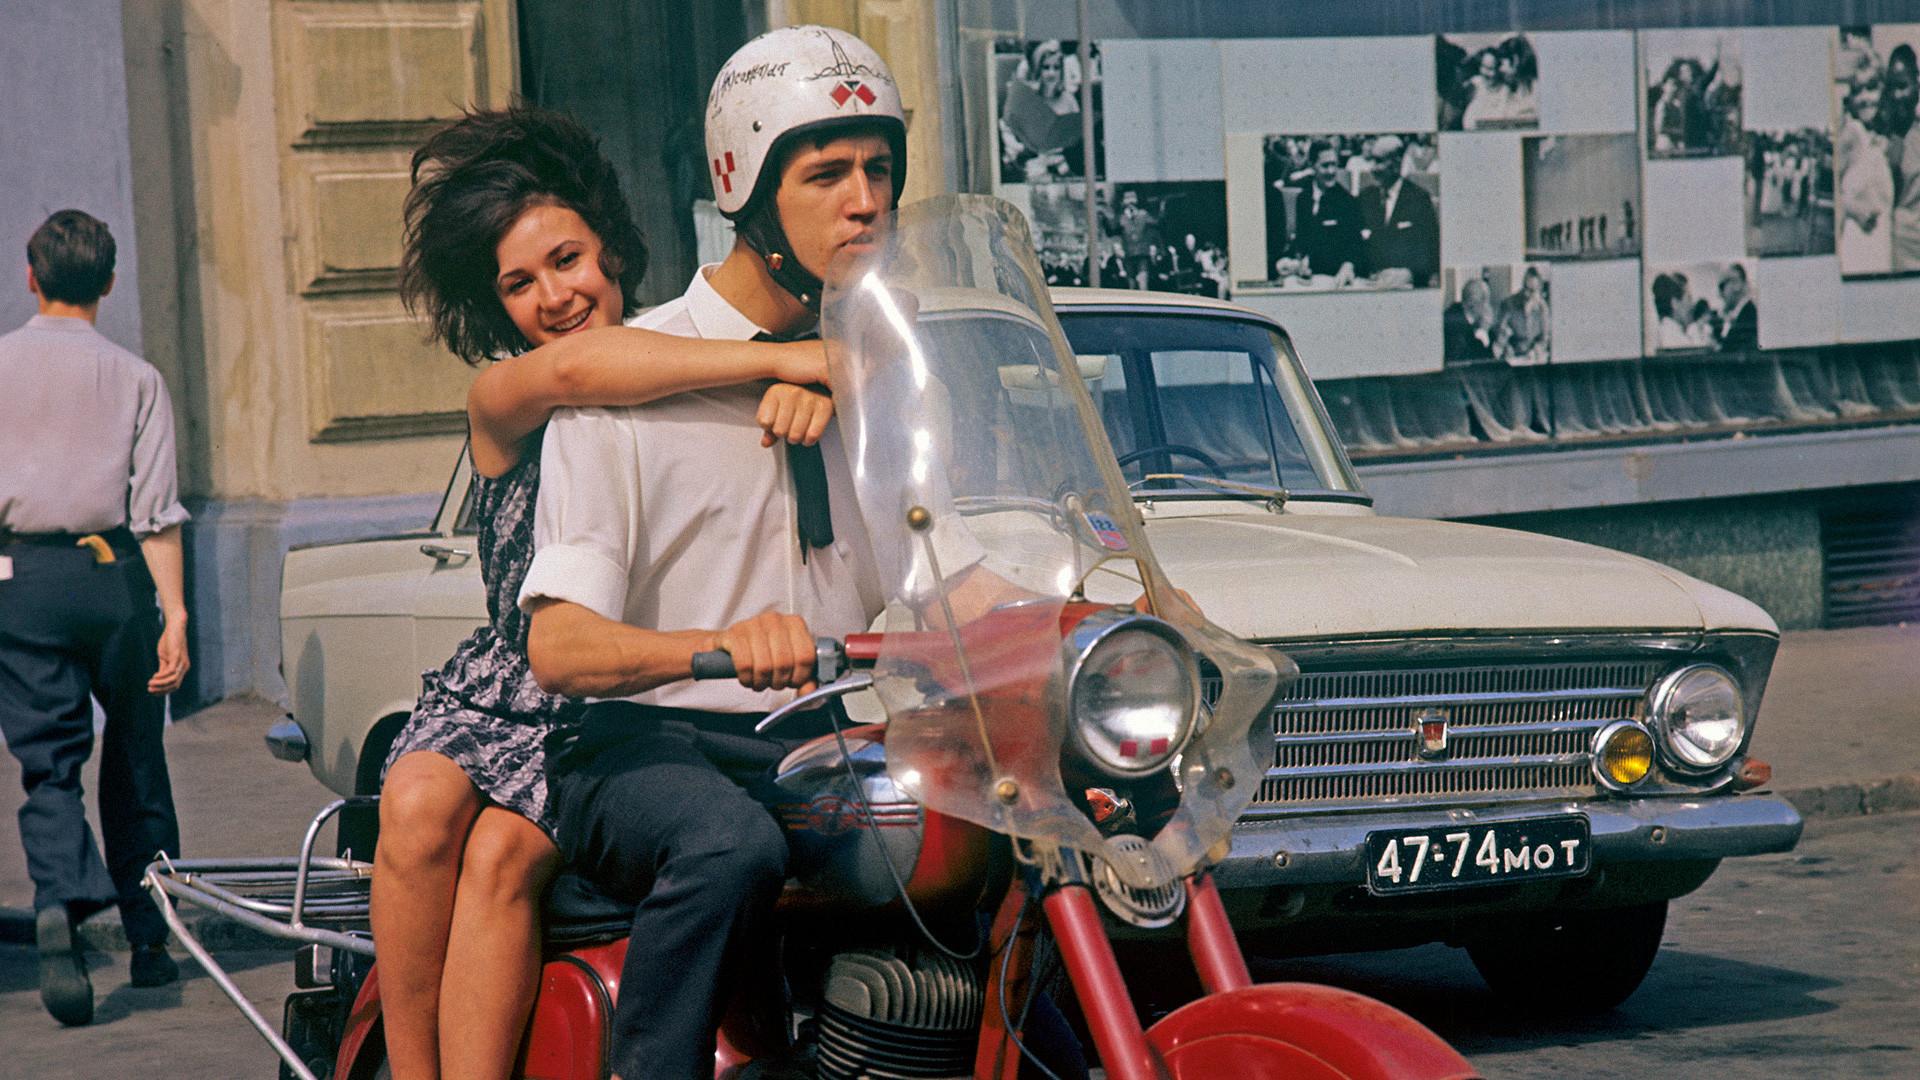 Mladi na jednoj moskovskoj ulici, 1967.